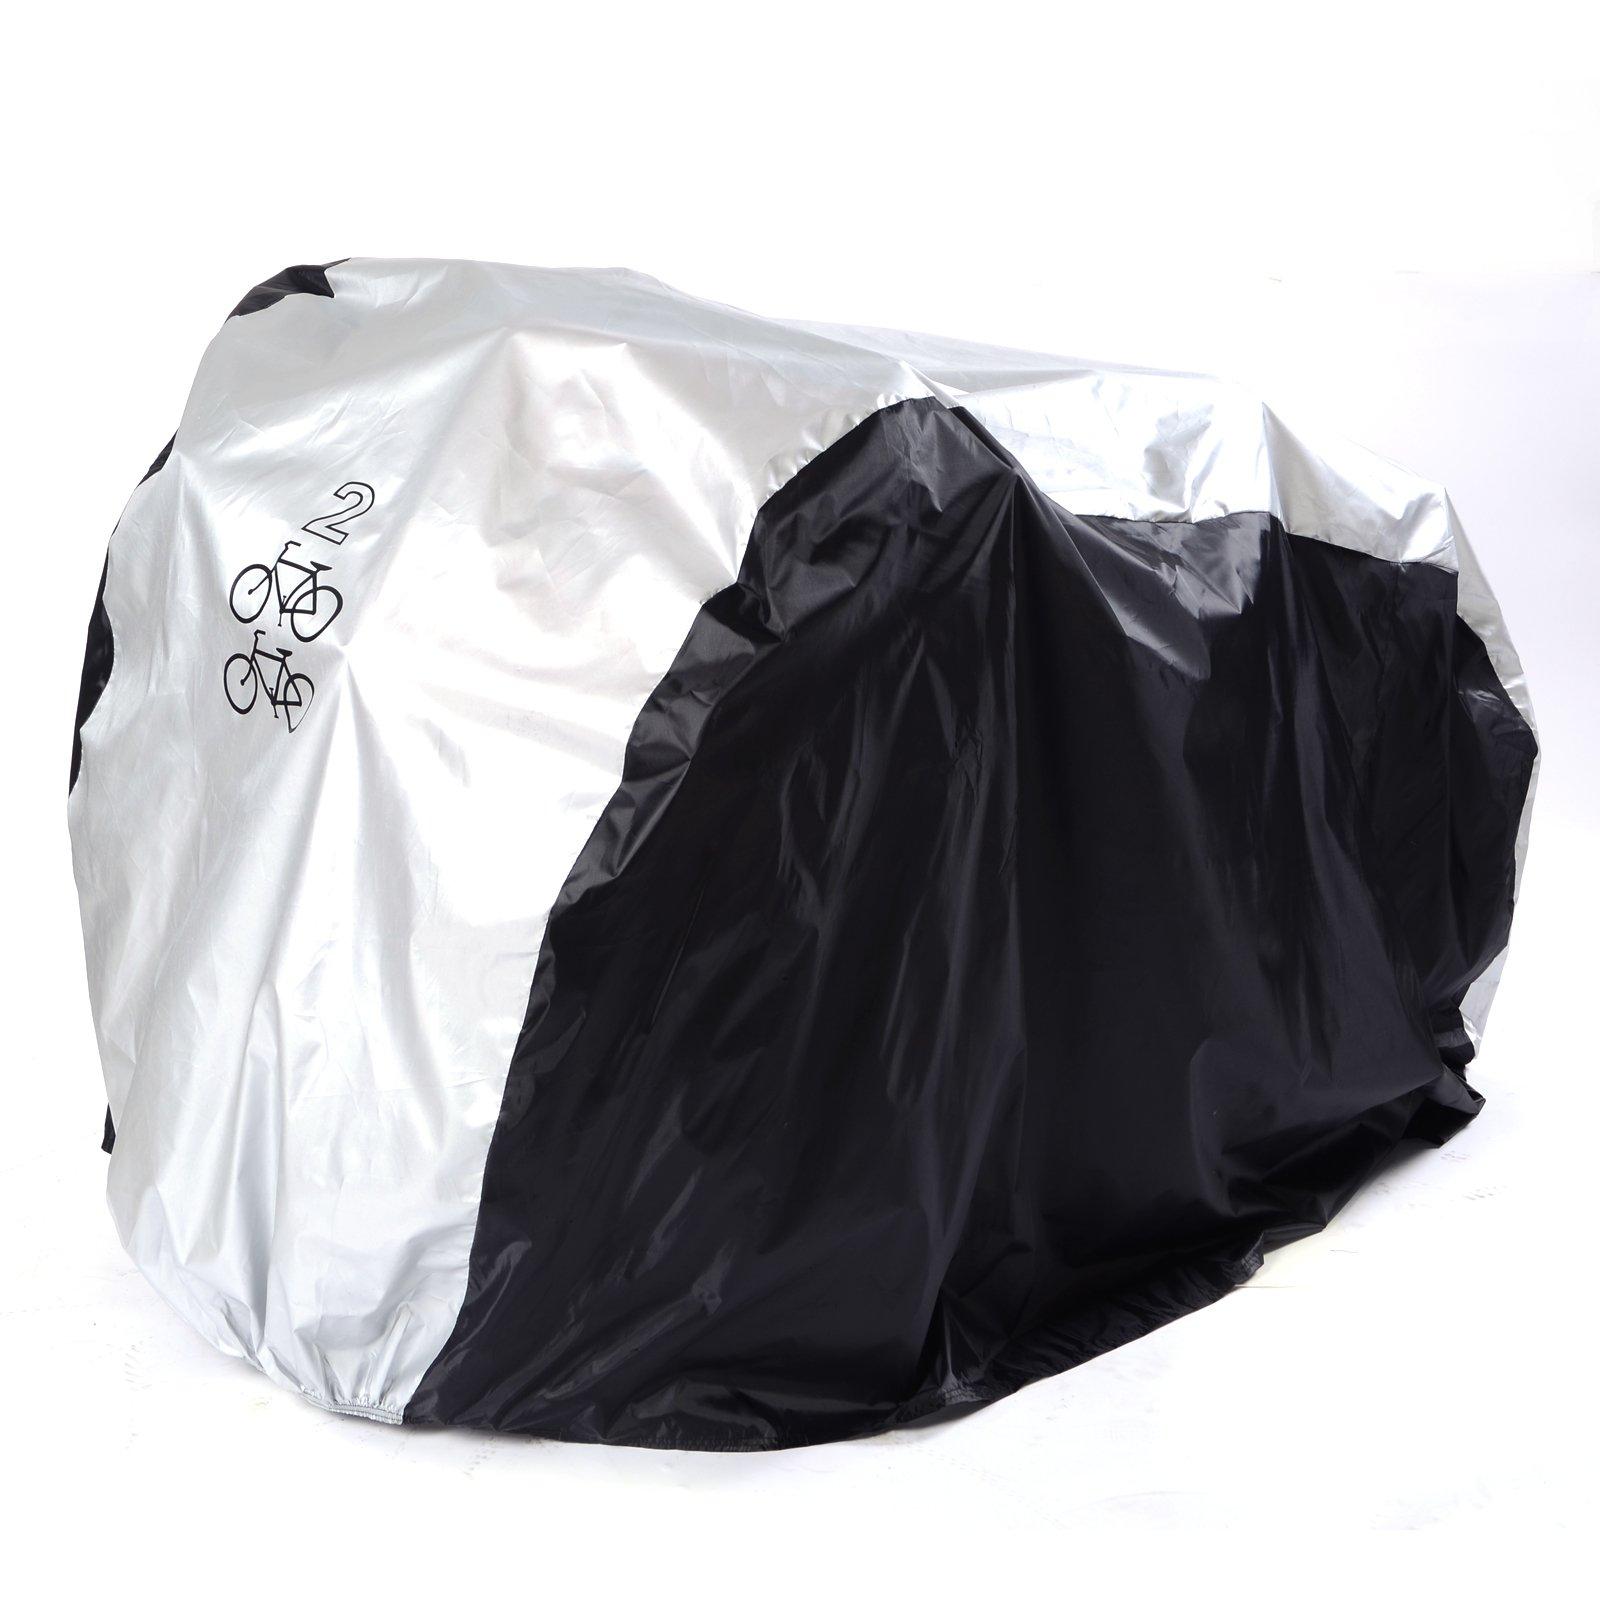 Funda Protector de Polyester Cubierta con Bolsillo 200 x 75 x 110 cm para Bicicleta Motocicleta